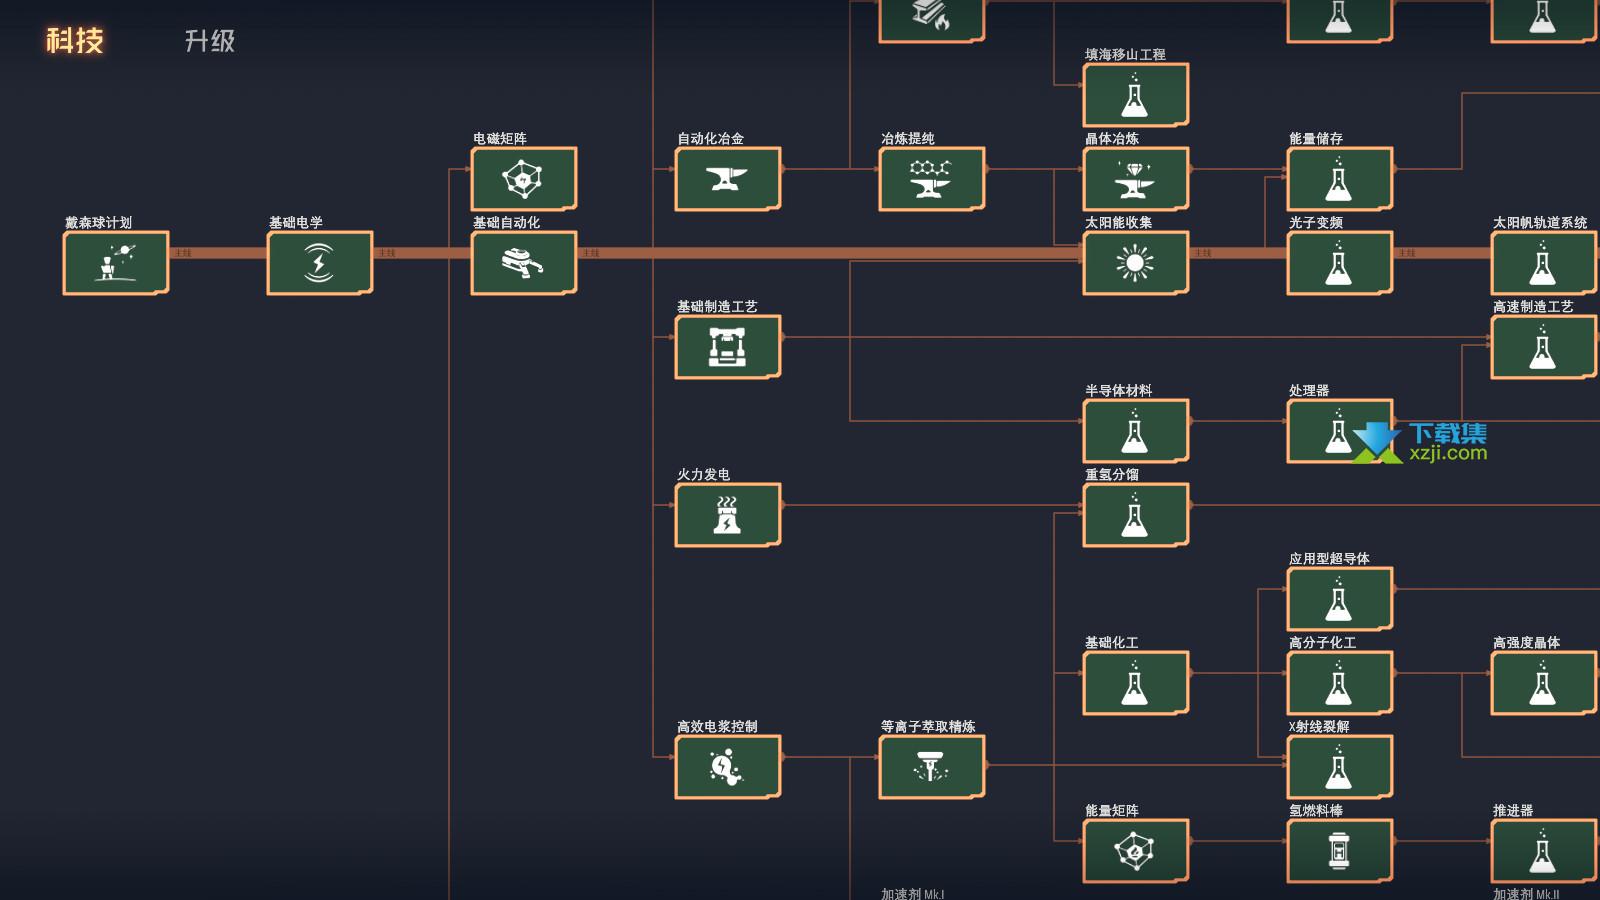 戴森球计划界面2